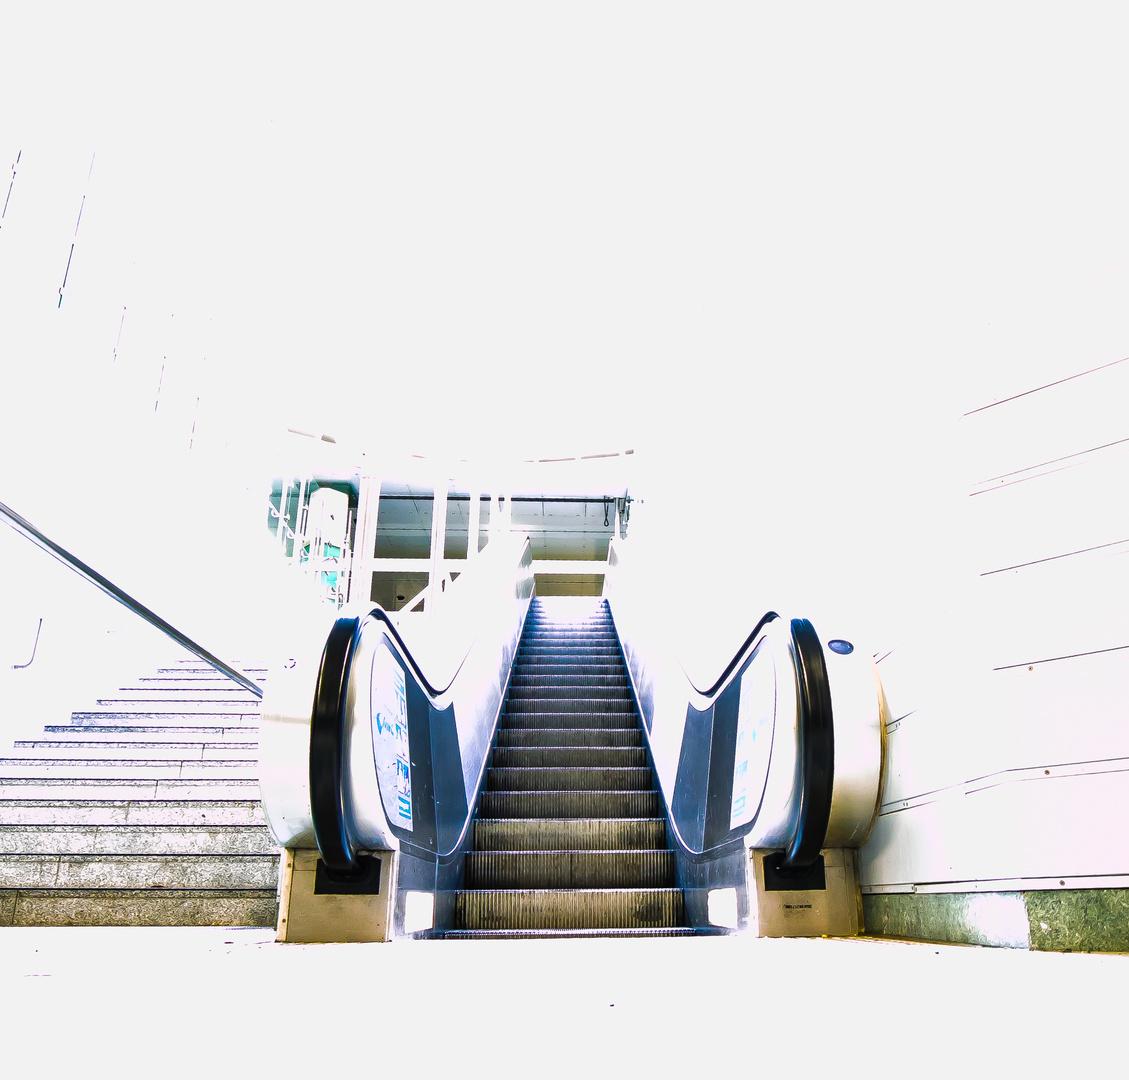 Shabby Stairway to Heaven